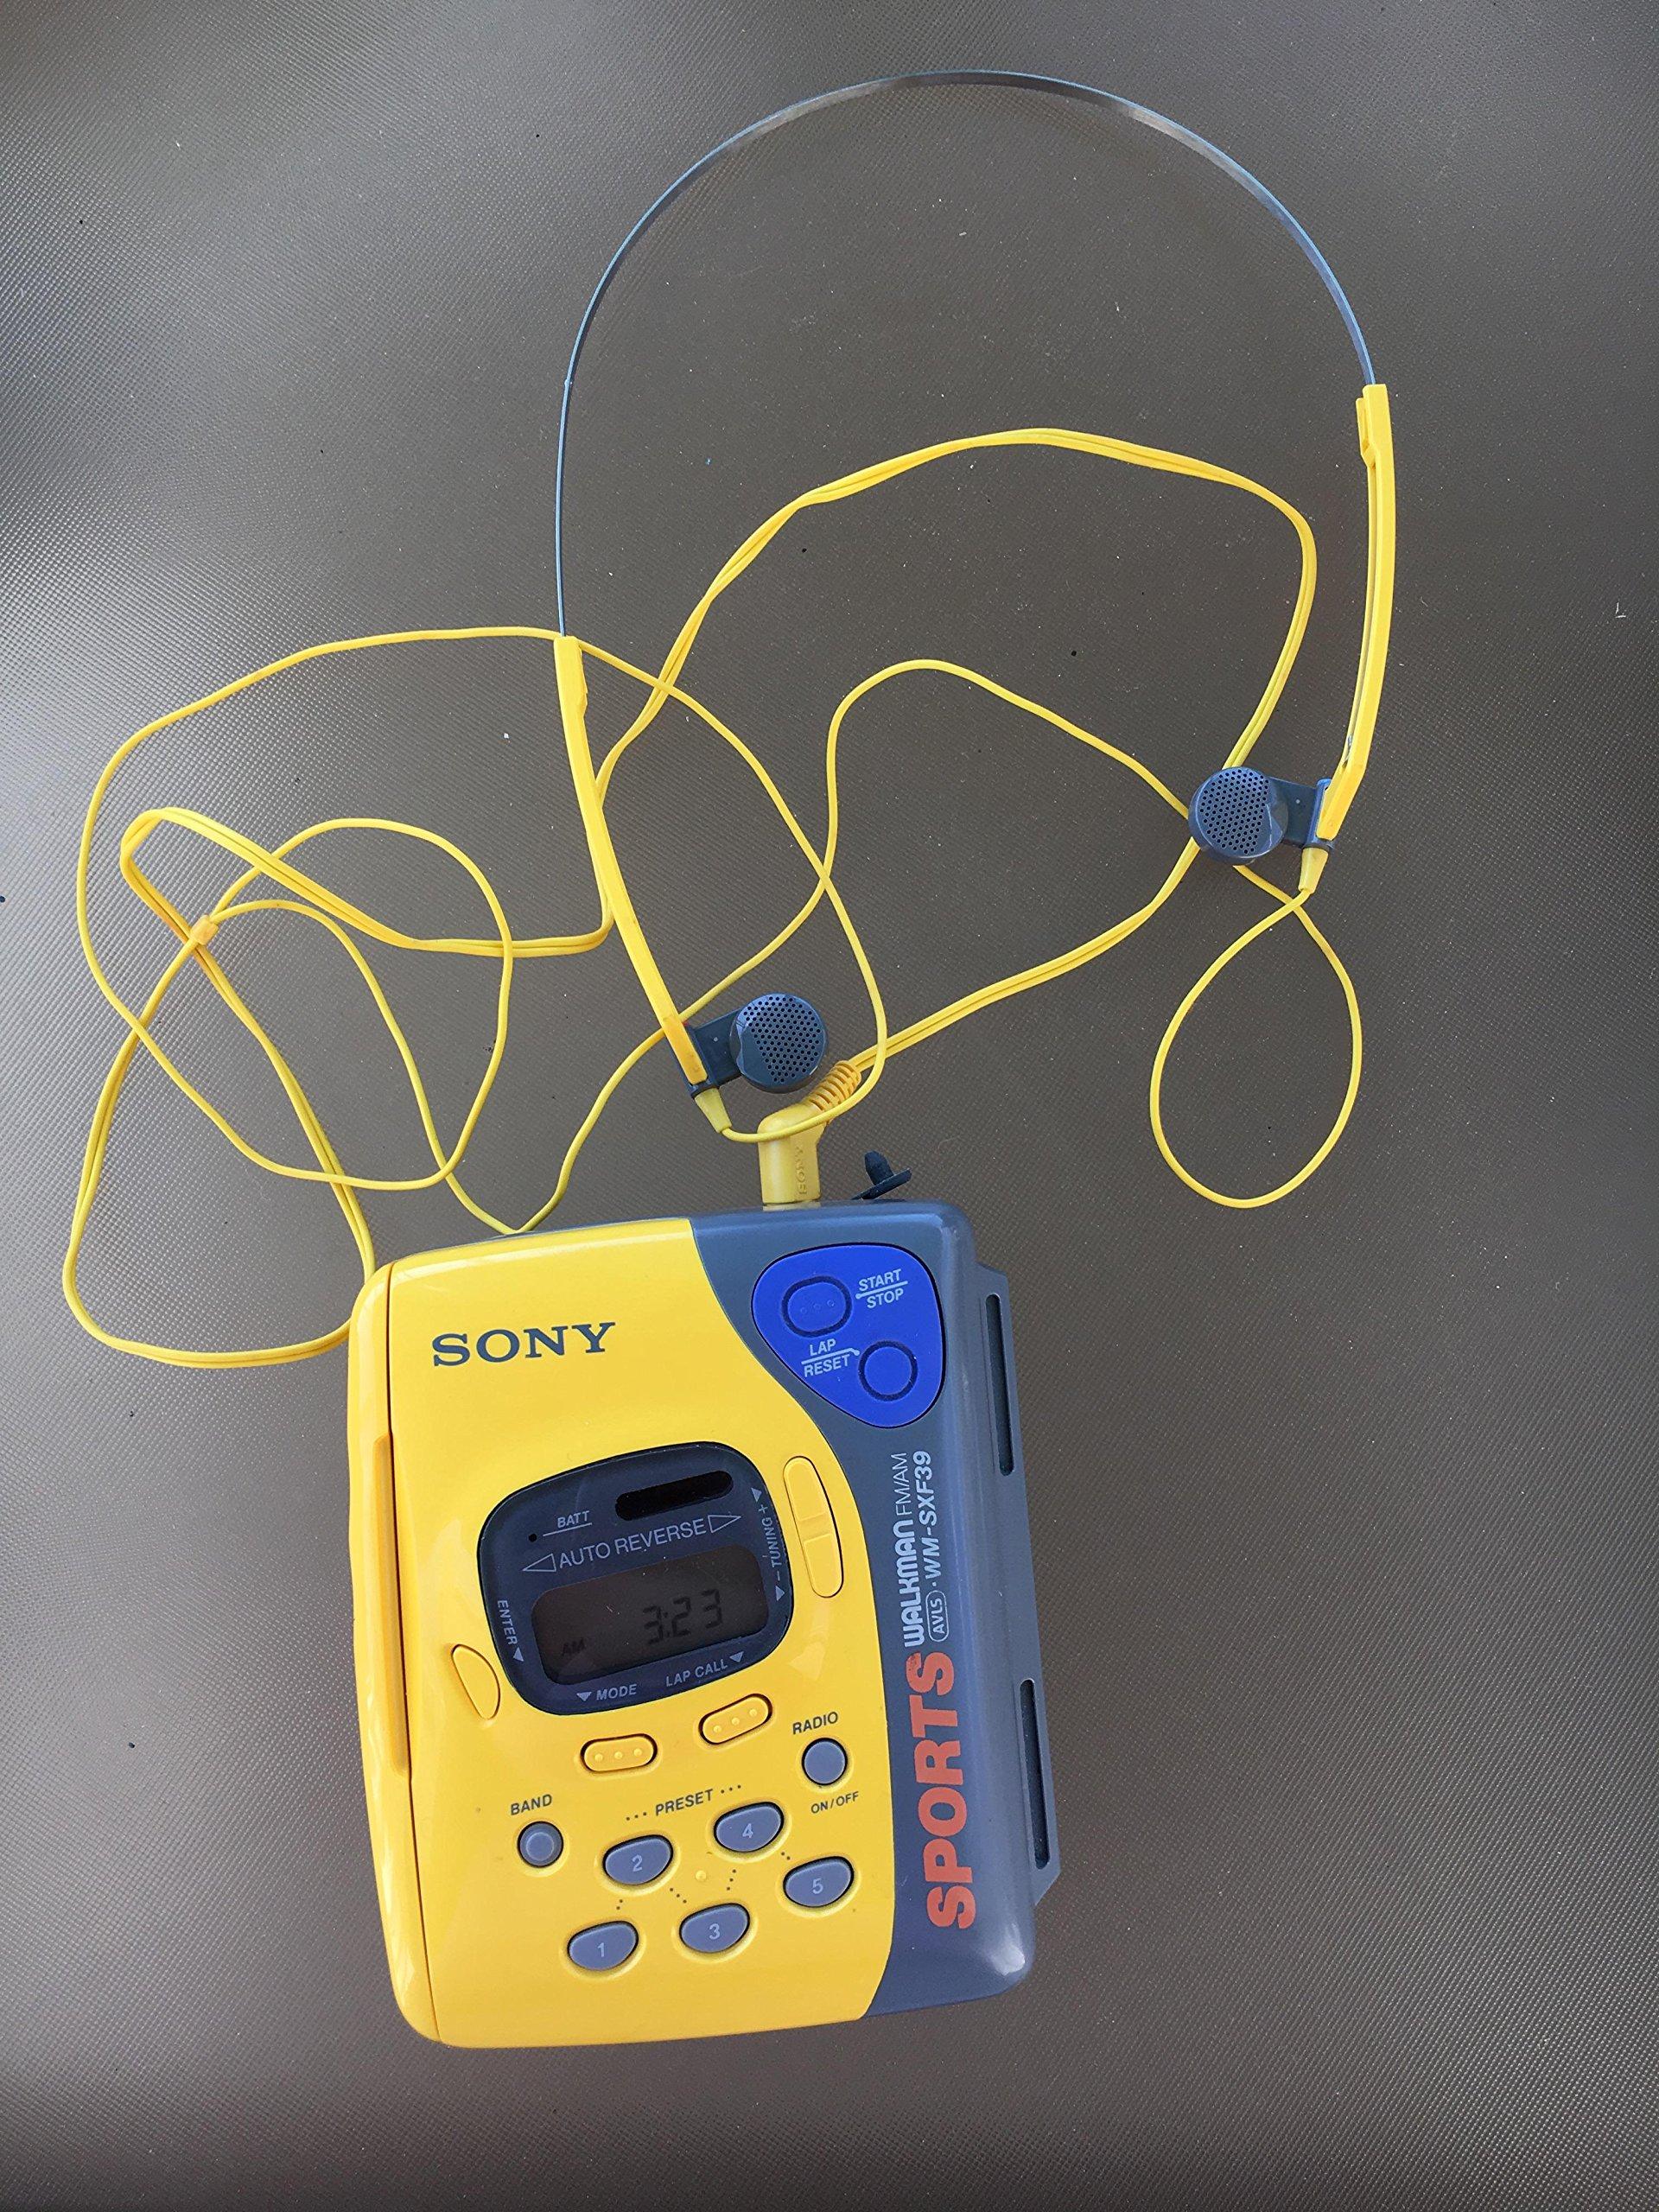 Sony Sports Walkman WM-FS191 AM/FM Radio and Cassette Player